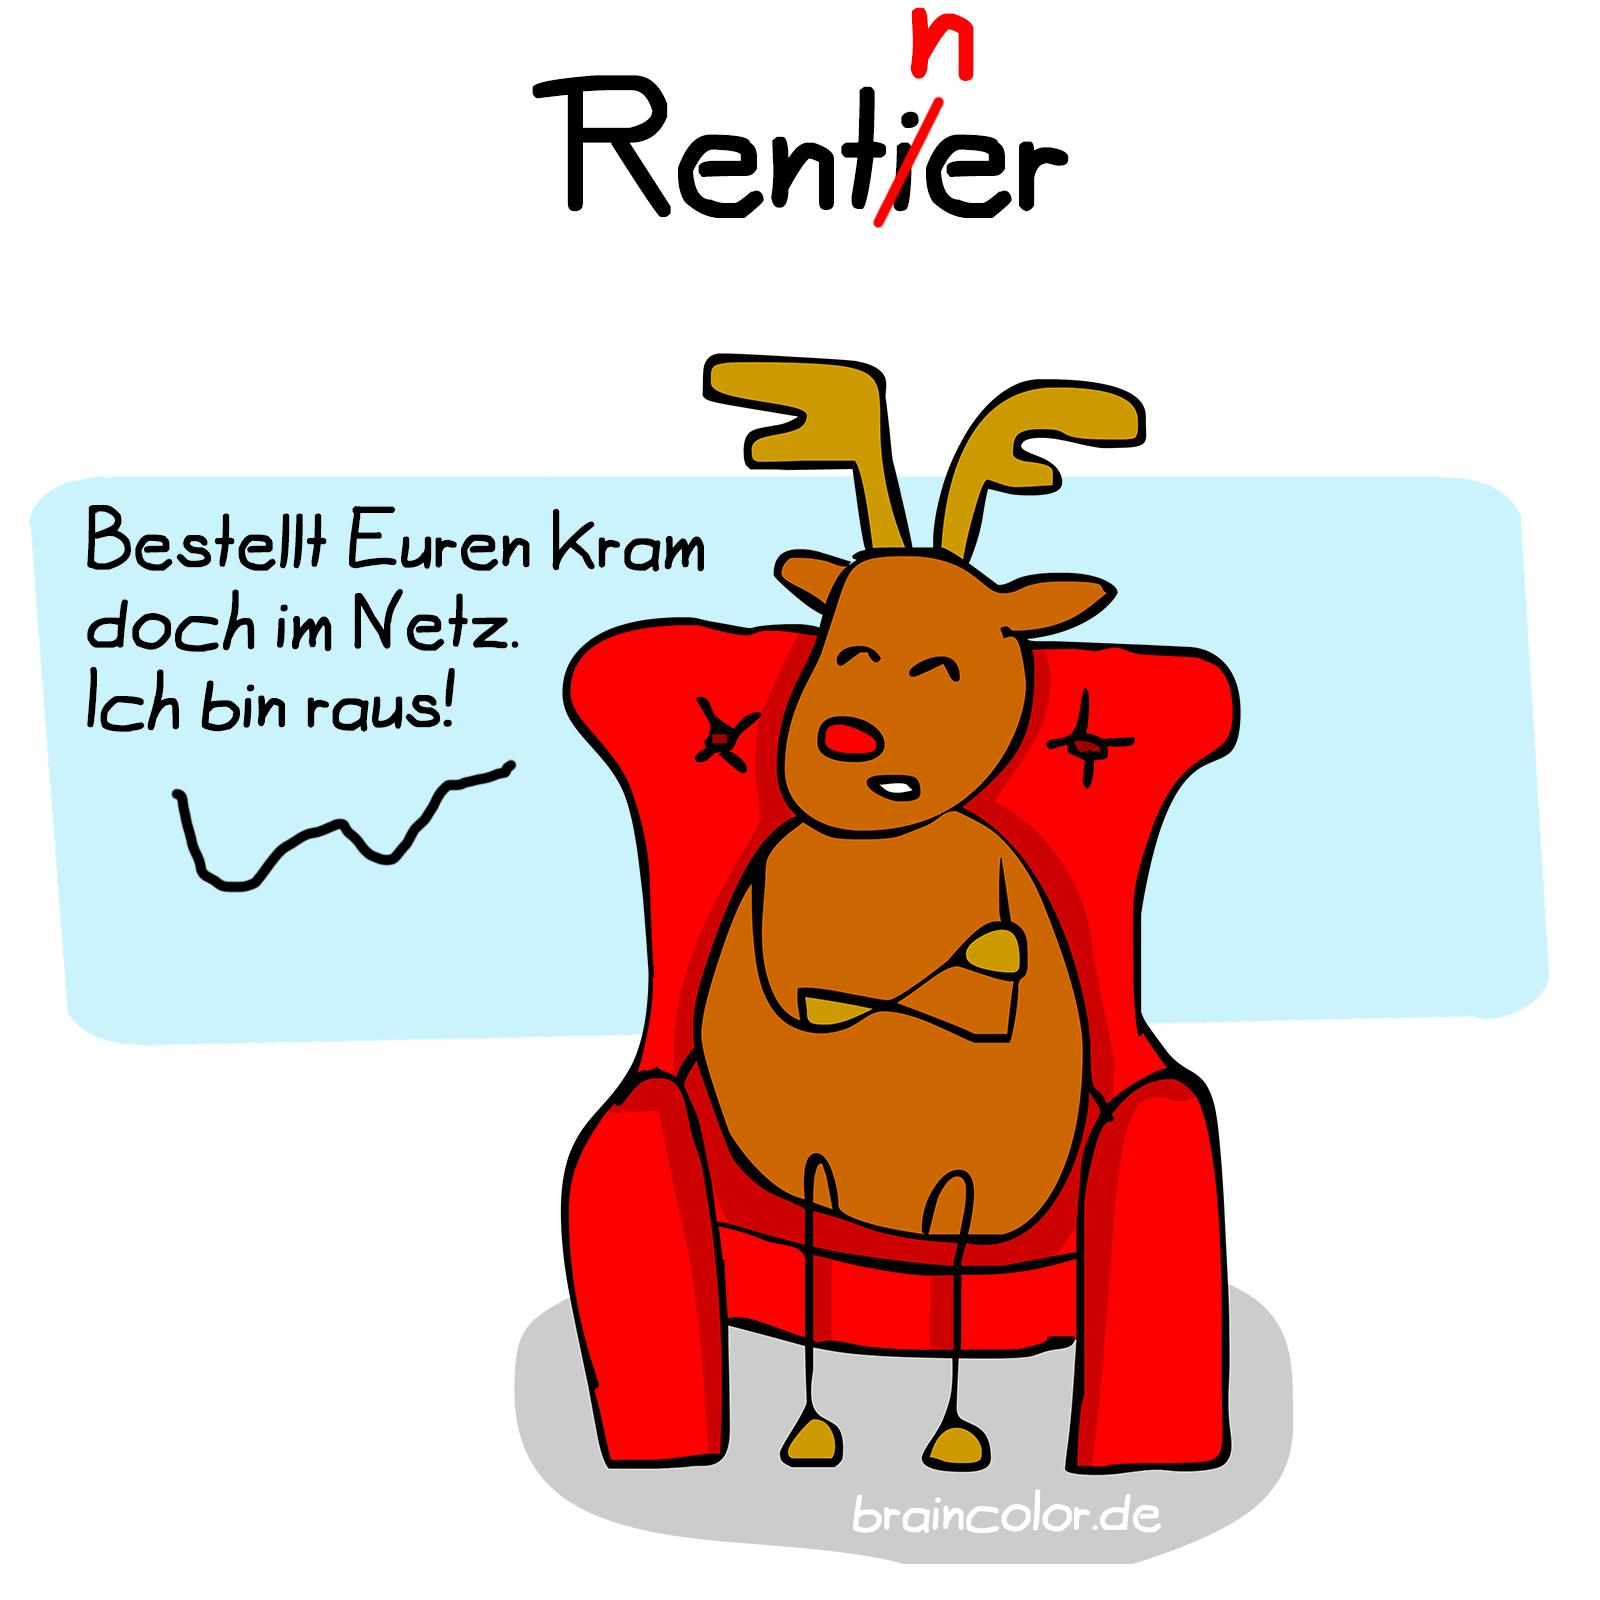 Rentner Rentier